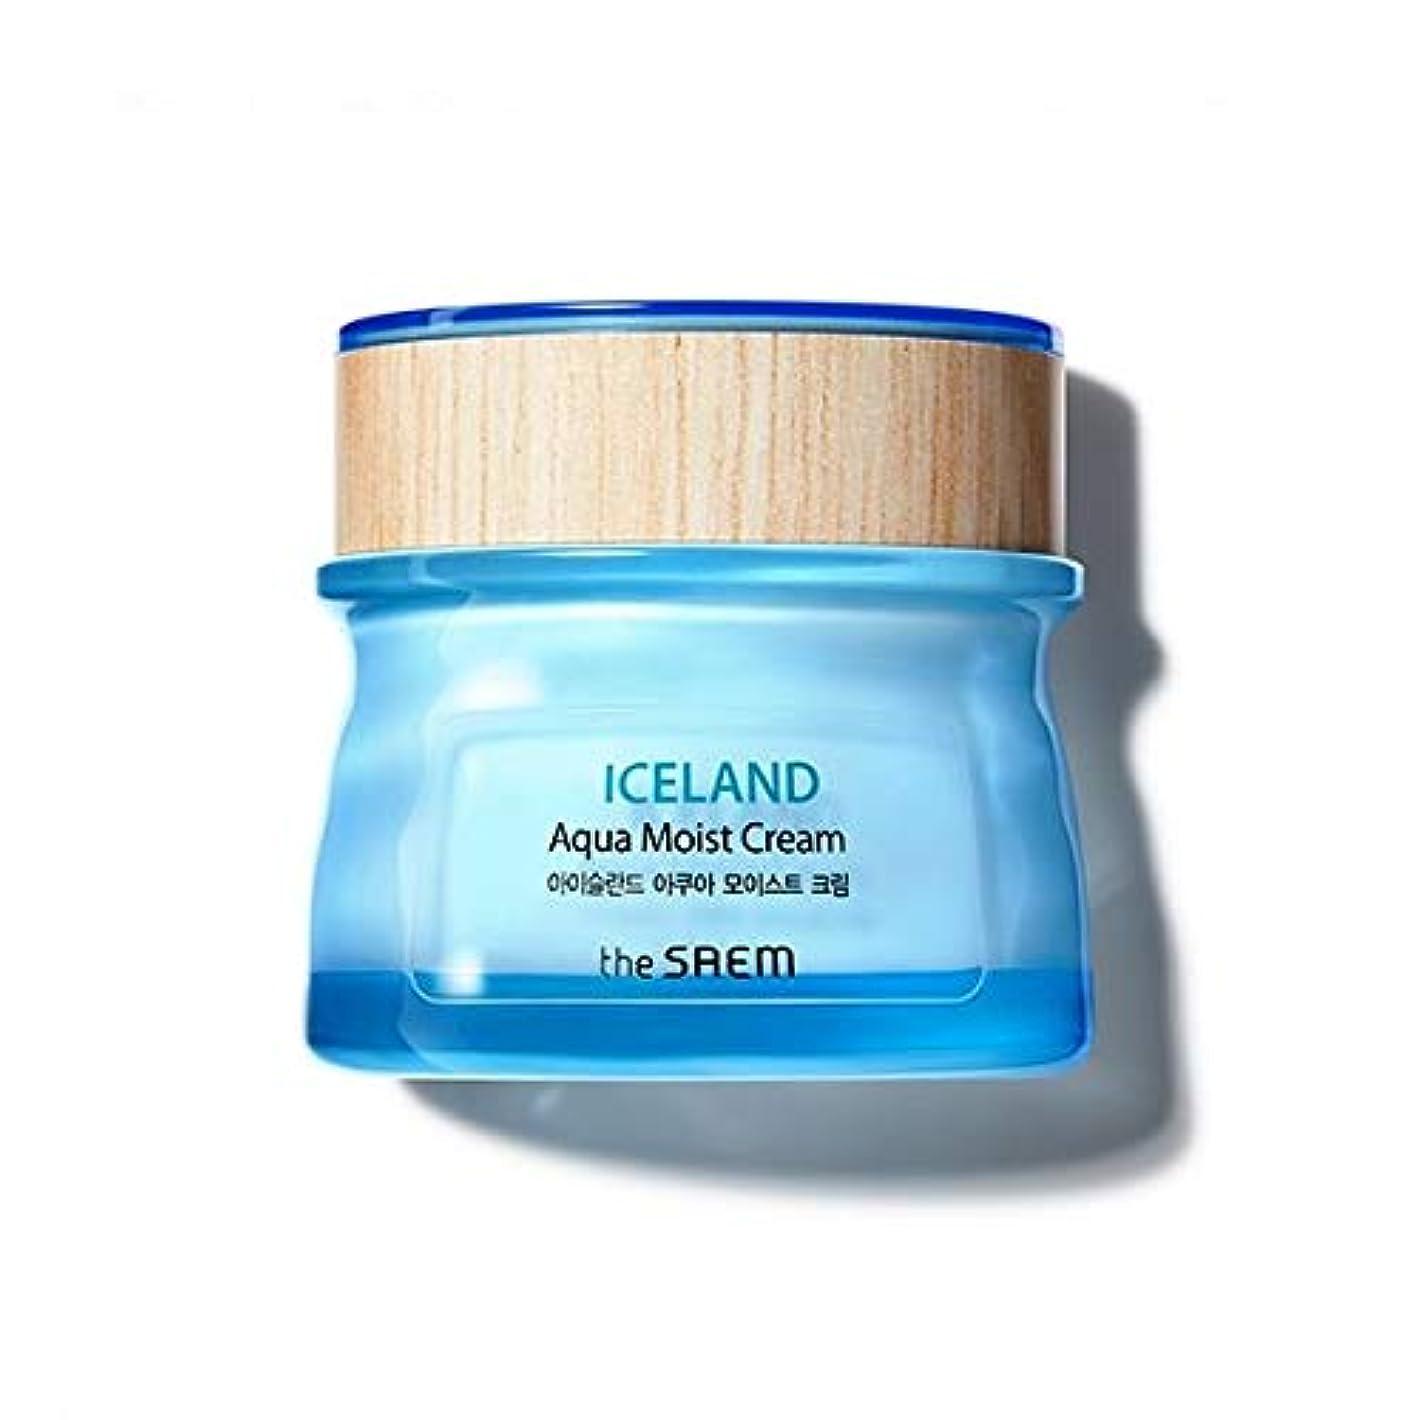 ペスト言語扇動The saem Iceland Apua Moist Cream ザセム アイスランド アクア モイスト クリーム 60ml [並行輸入品]